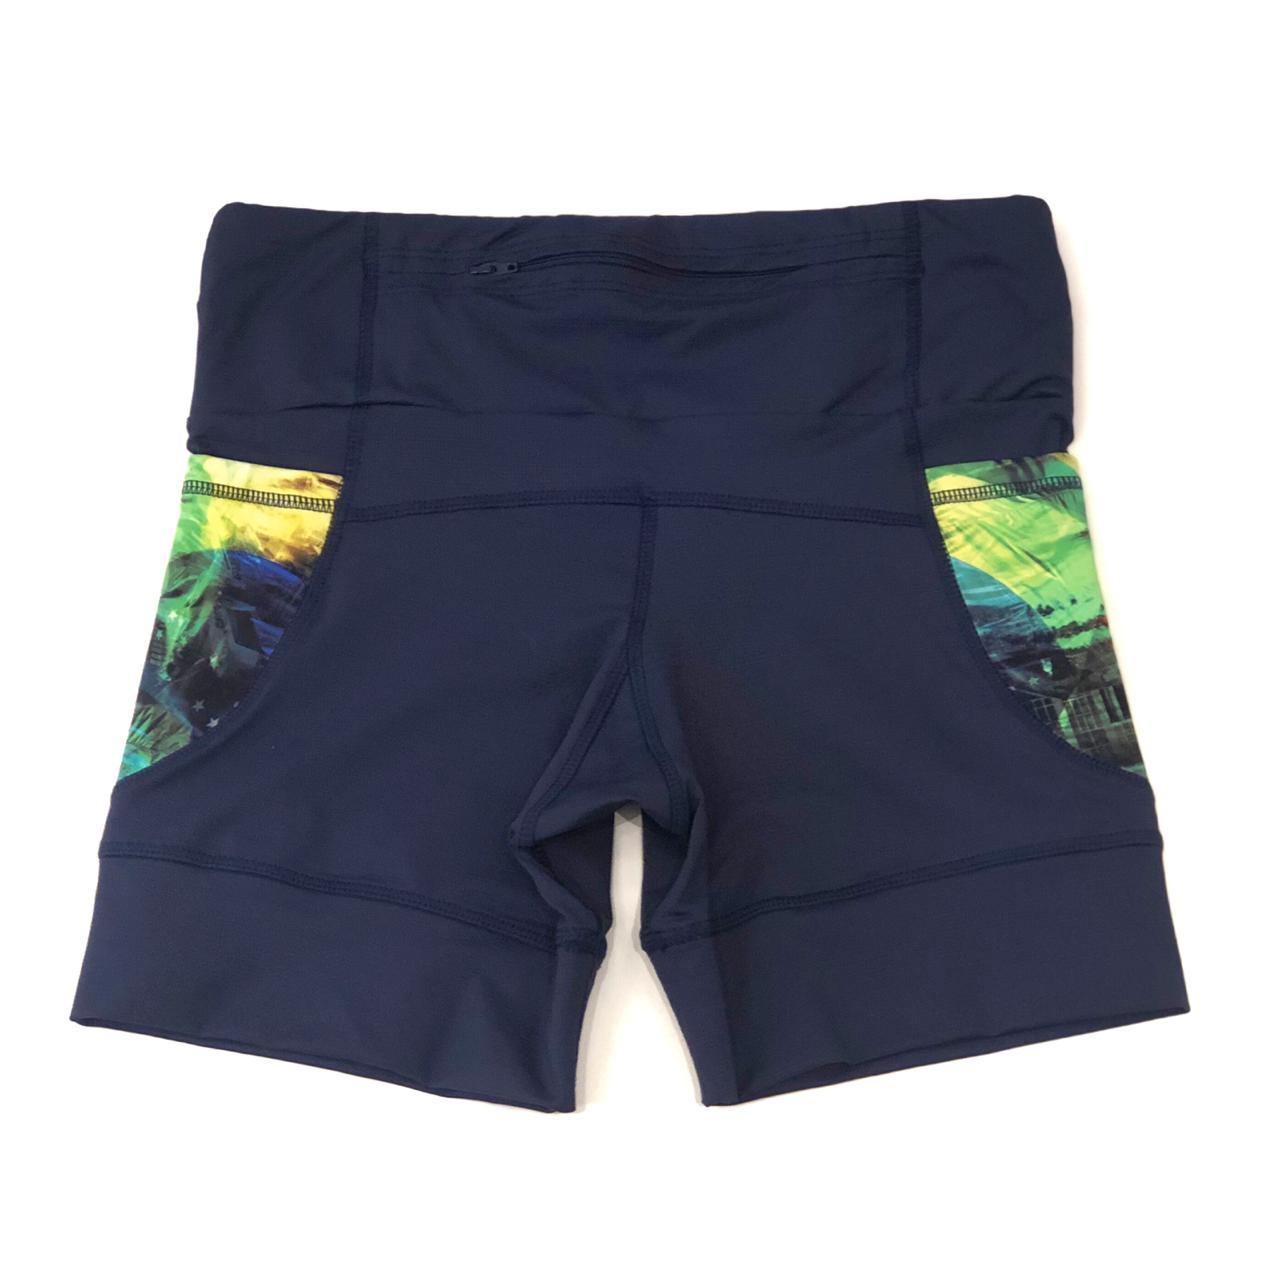 Shorts de compressão 1500 bolsos em compress marinho com bolsos laterais estampa Brasil   - Vivian Bógus